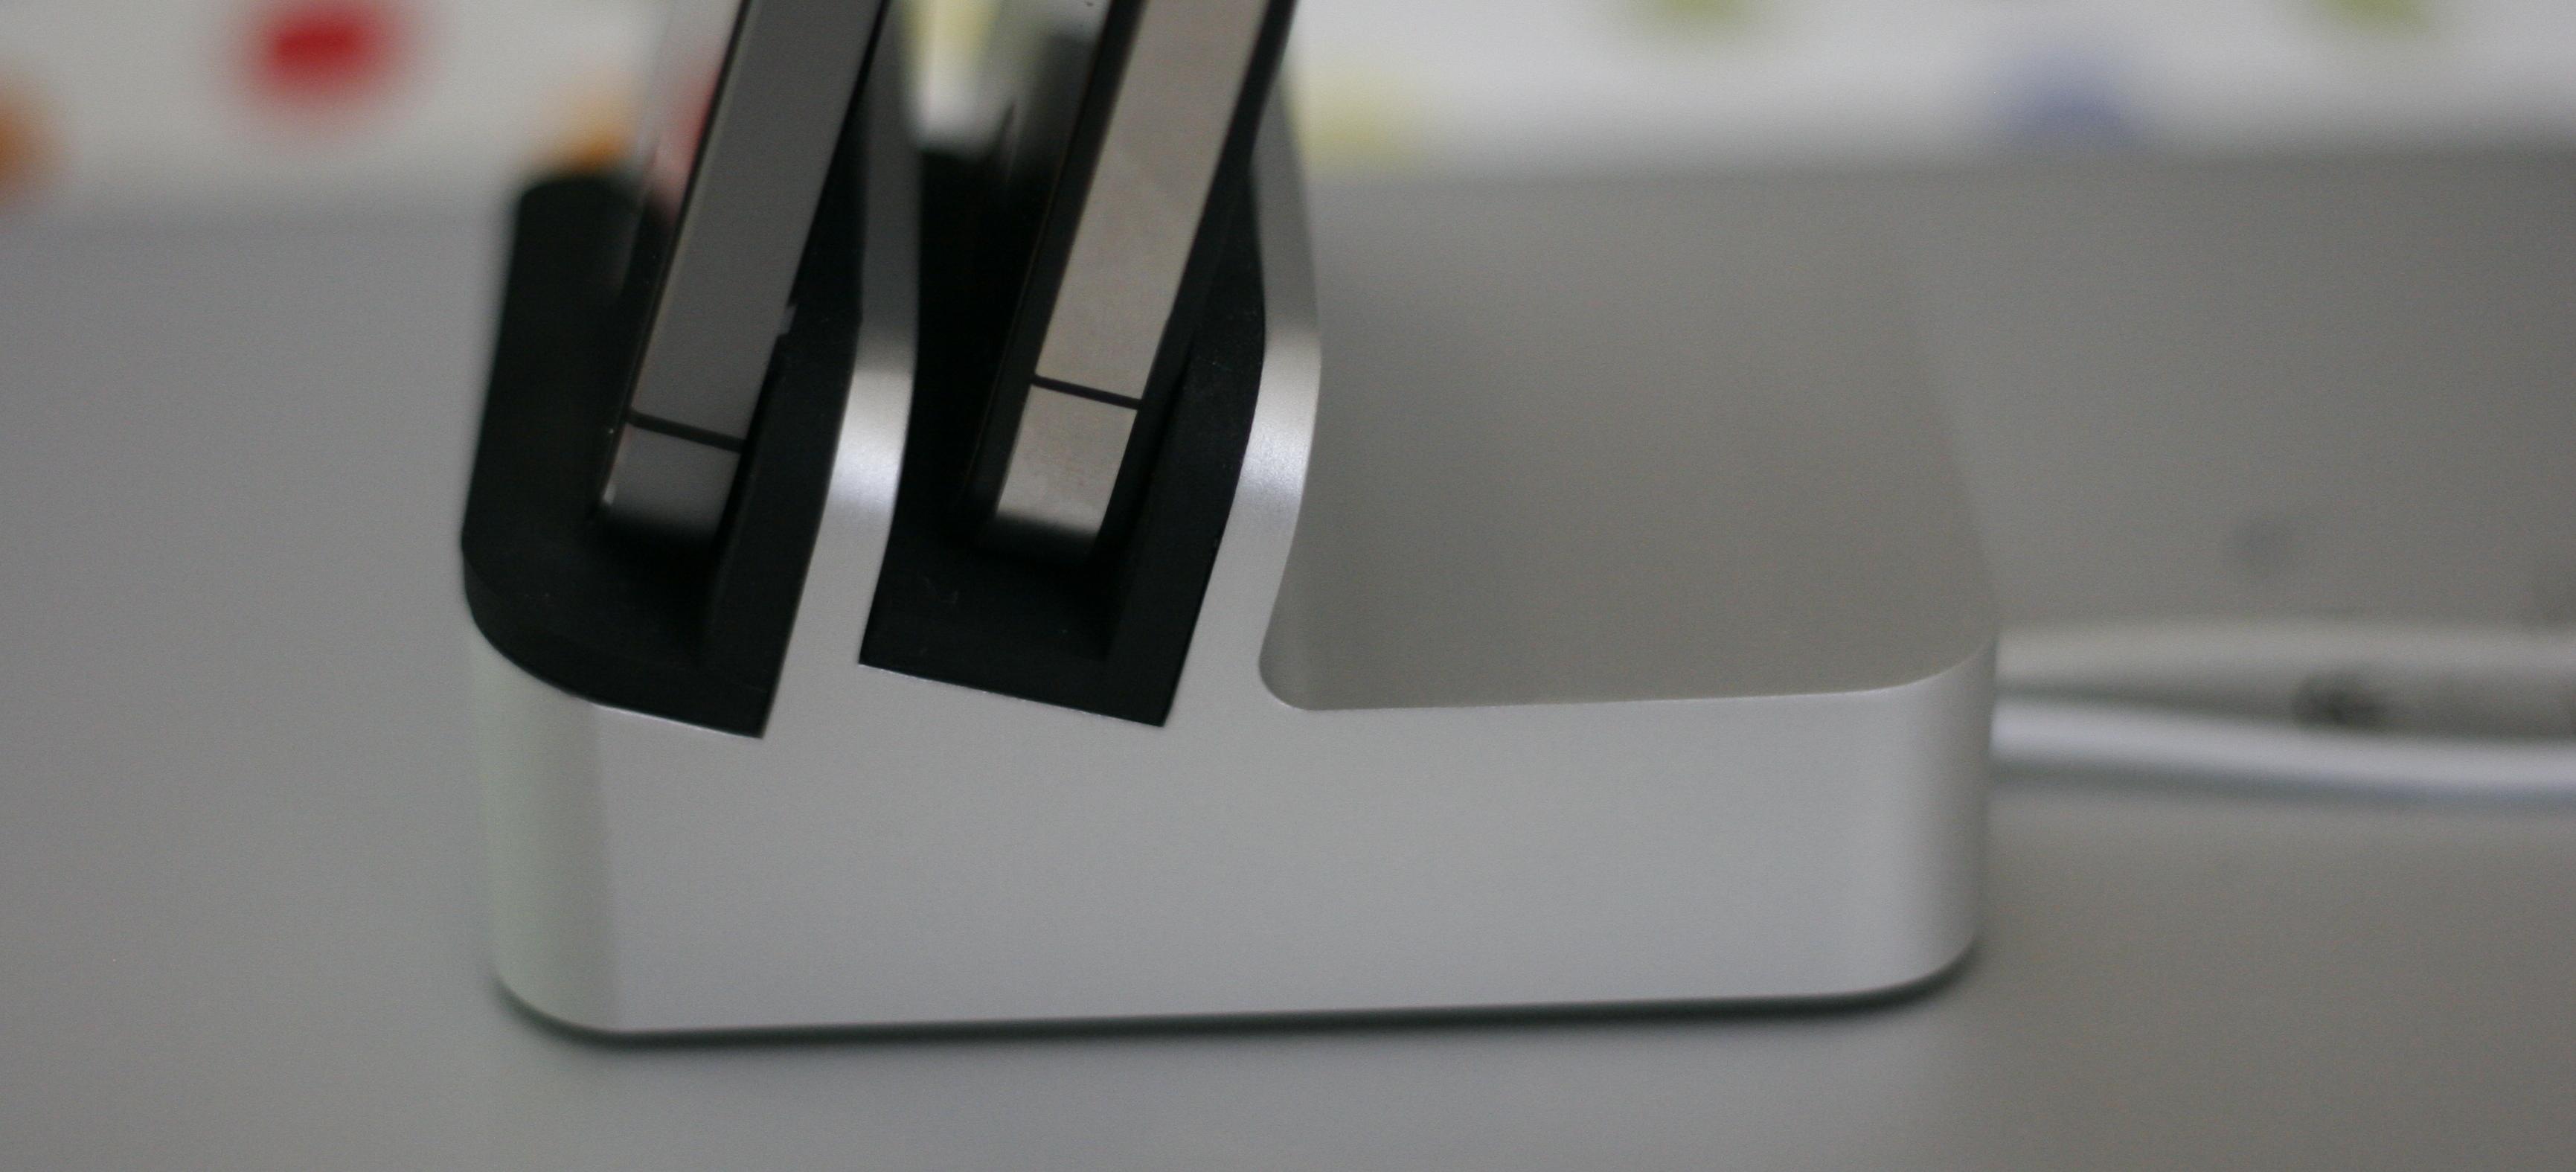 EverDock Hands-On: A Slick Universal Dock for Smartphones, Tablets